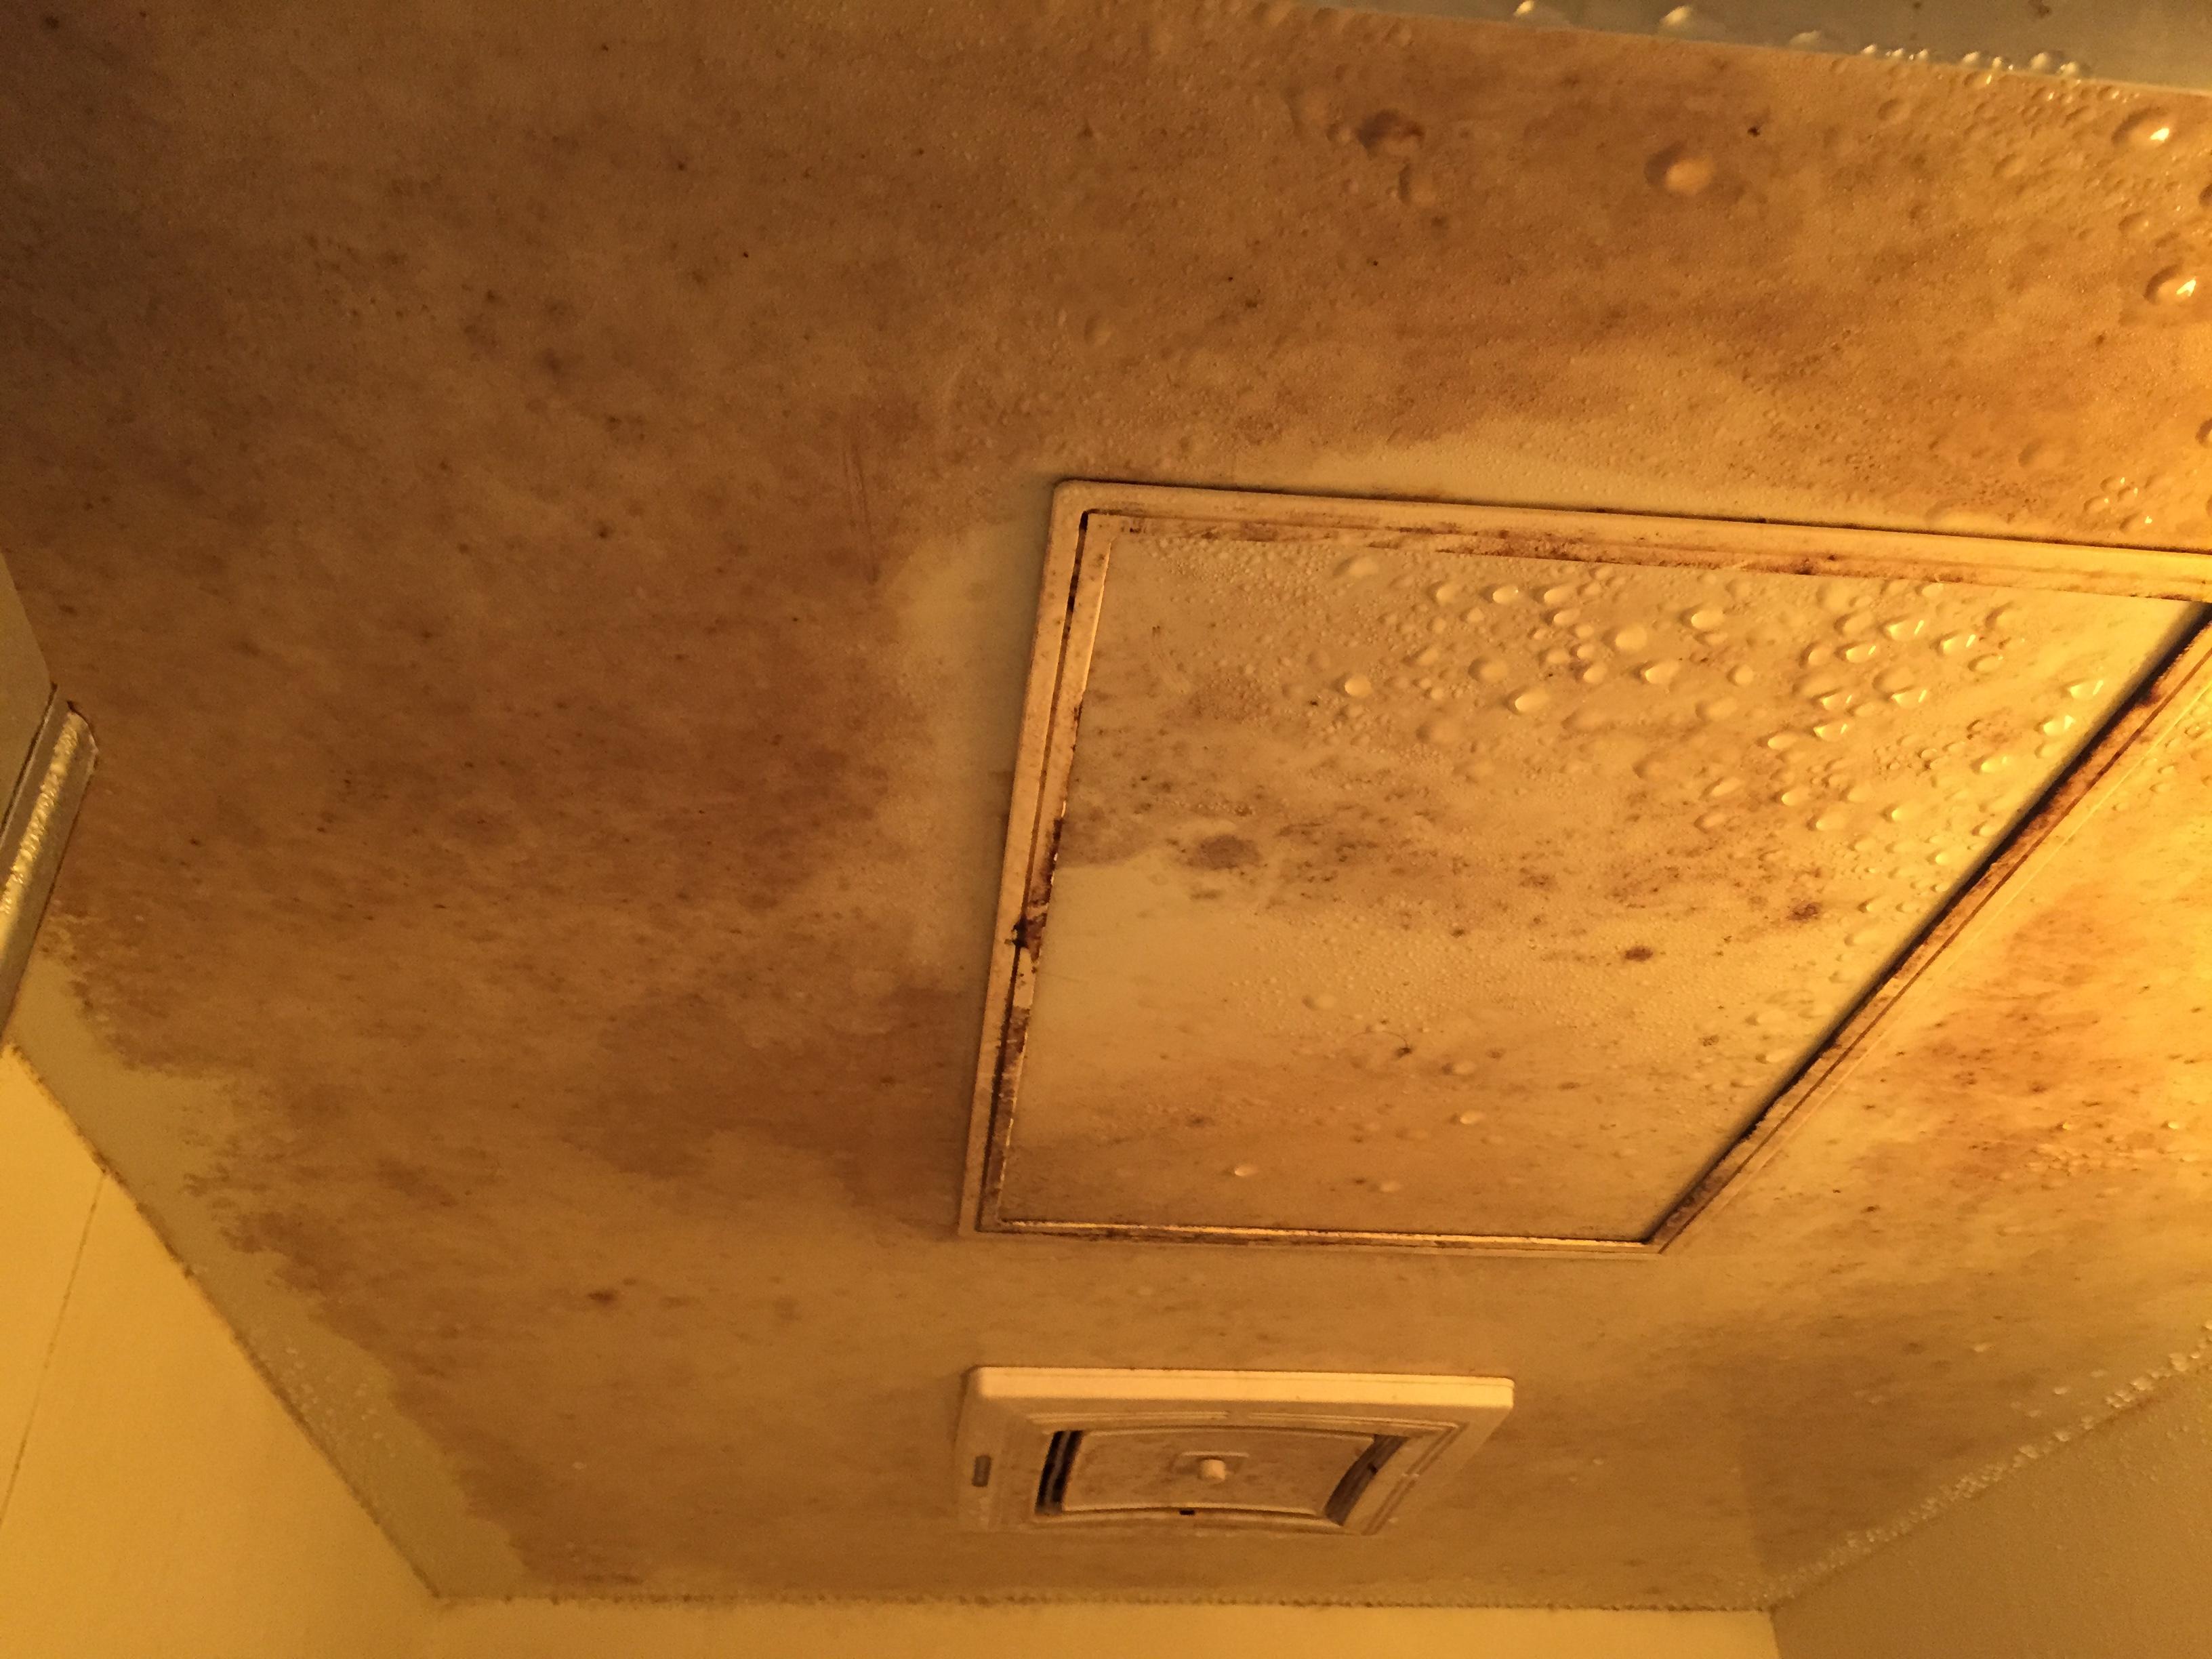 日本一掃除しがいのある汚い家を掃除してきた お風呂のカビ編